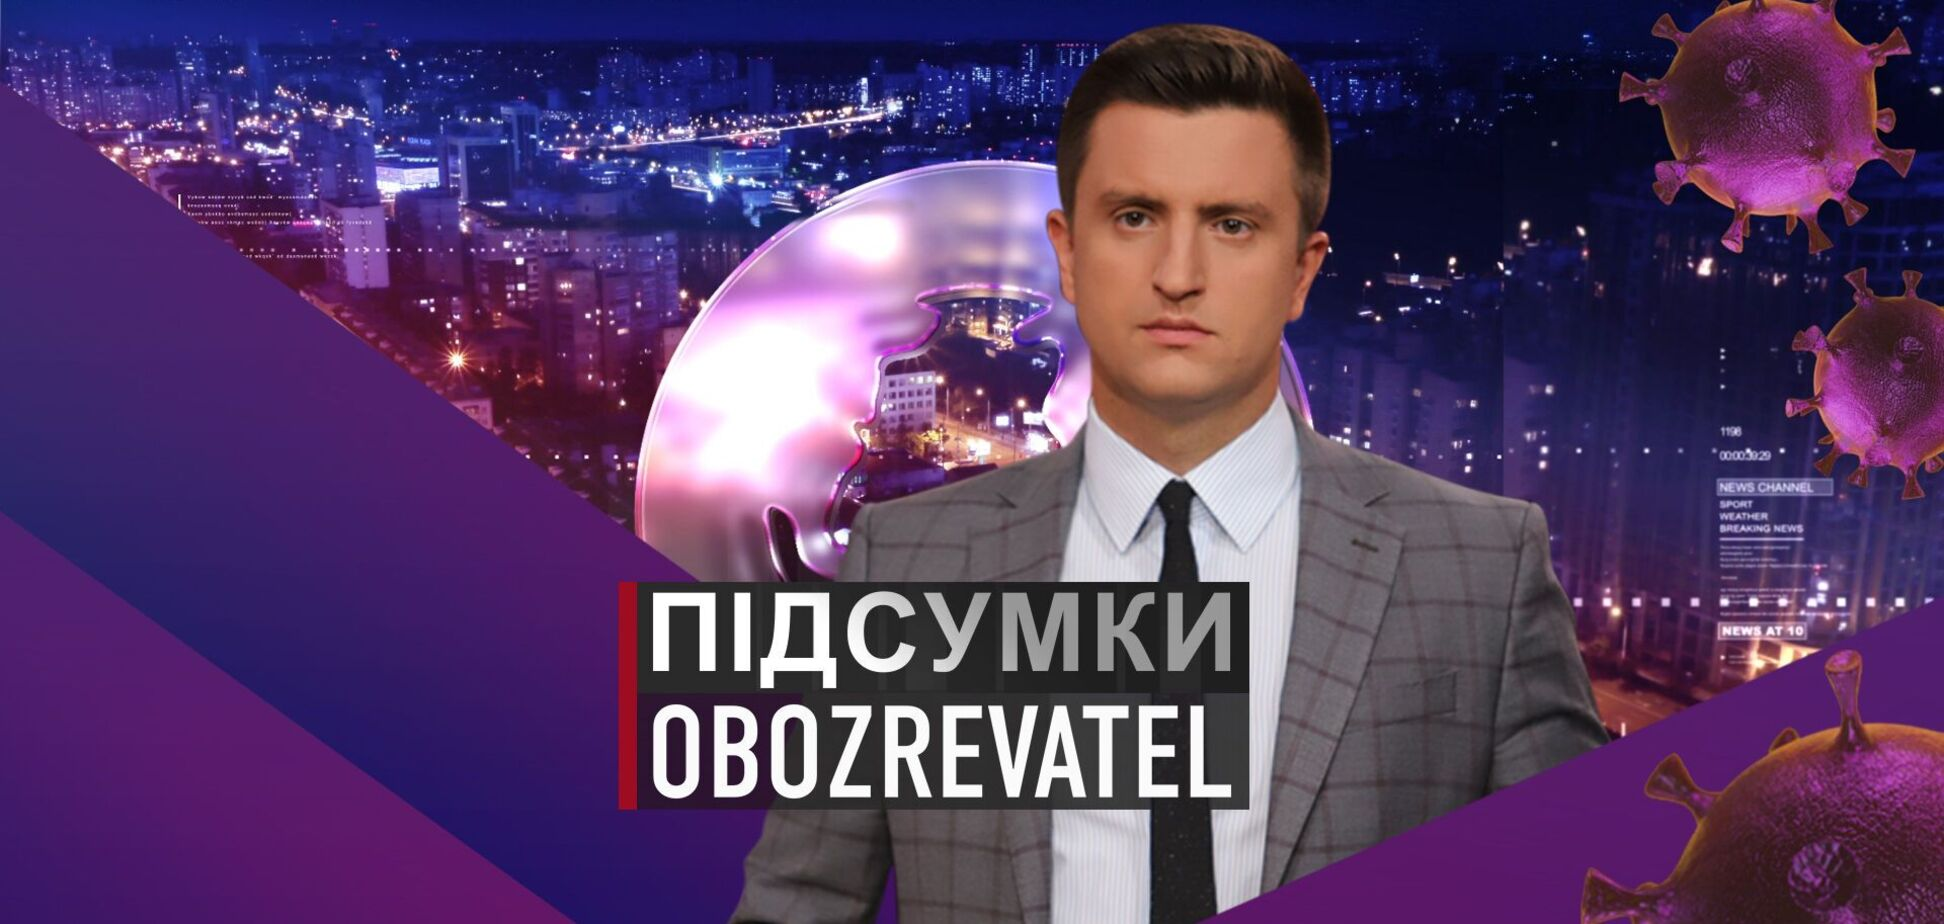 Підсумки с Вадимом Колодийчуком. Вторник, 23 марта